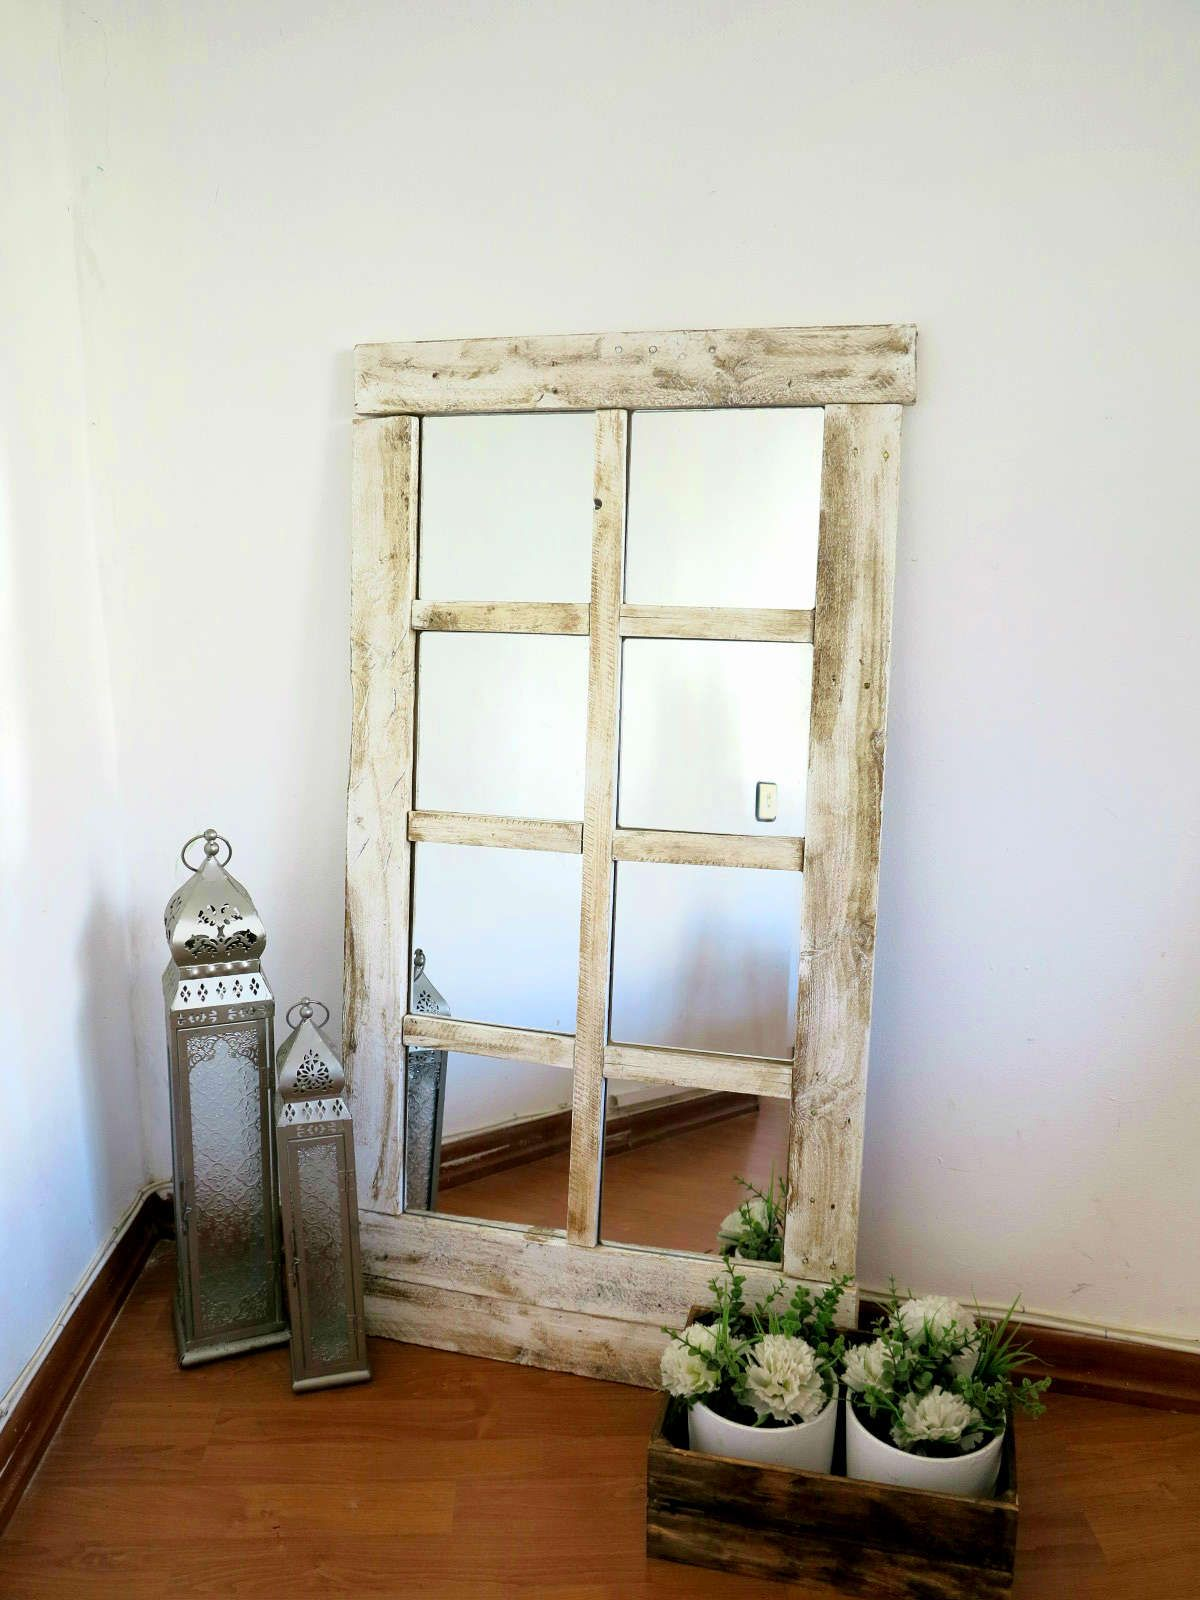 el paso a paso para hacer un espejo a modo de ventana